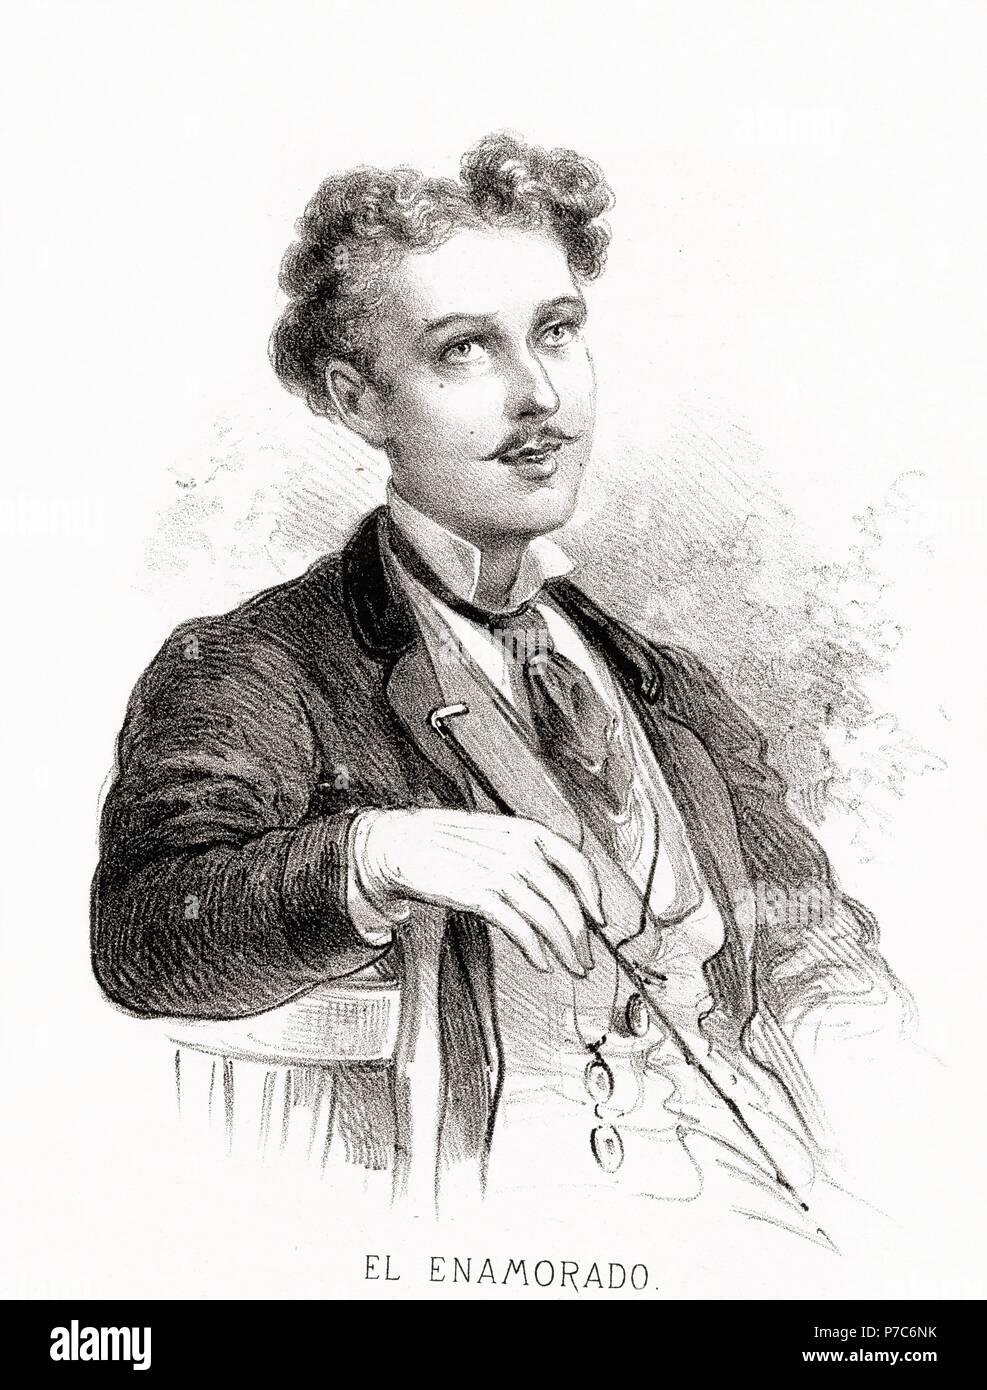 Carácteres del individuazione. Hombre enamorado. Grabado de 1870. Foto Stock